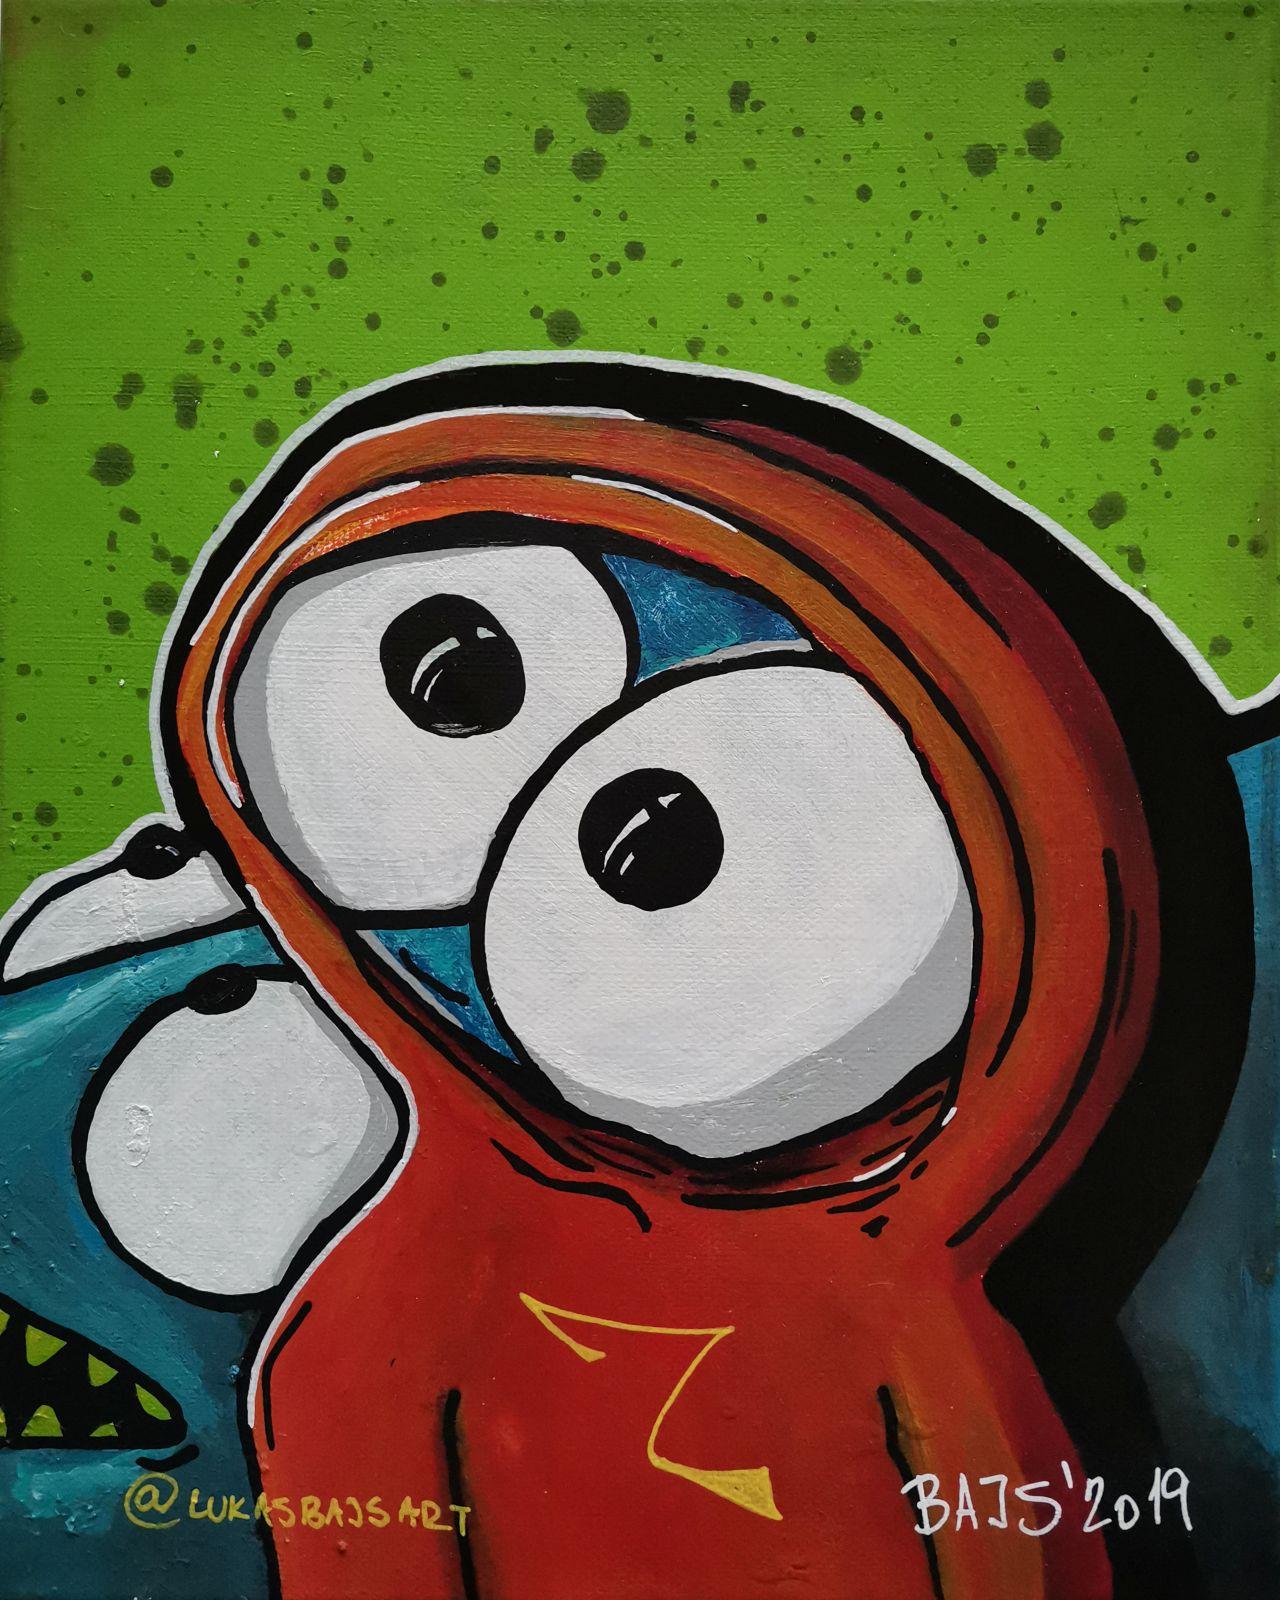 Ručně malovaný obraz na plátně LUKASBAJSART 2019